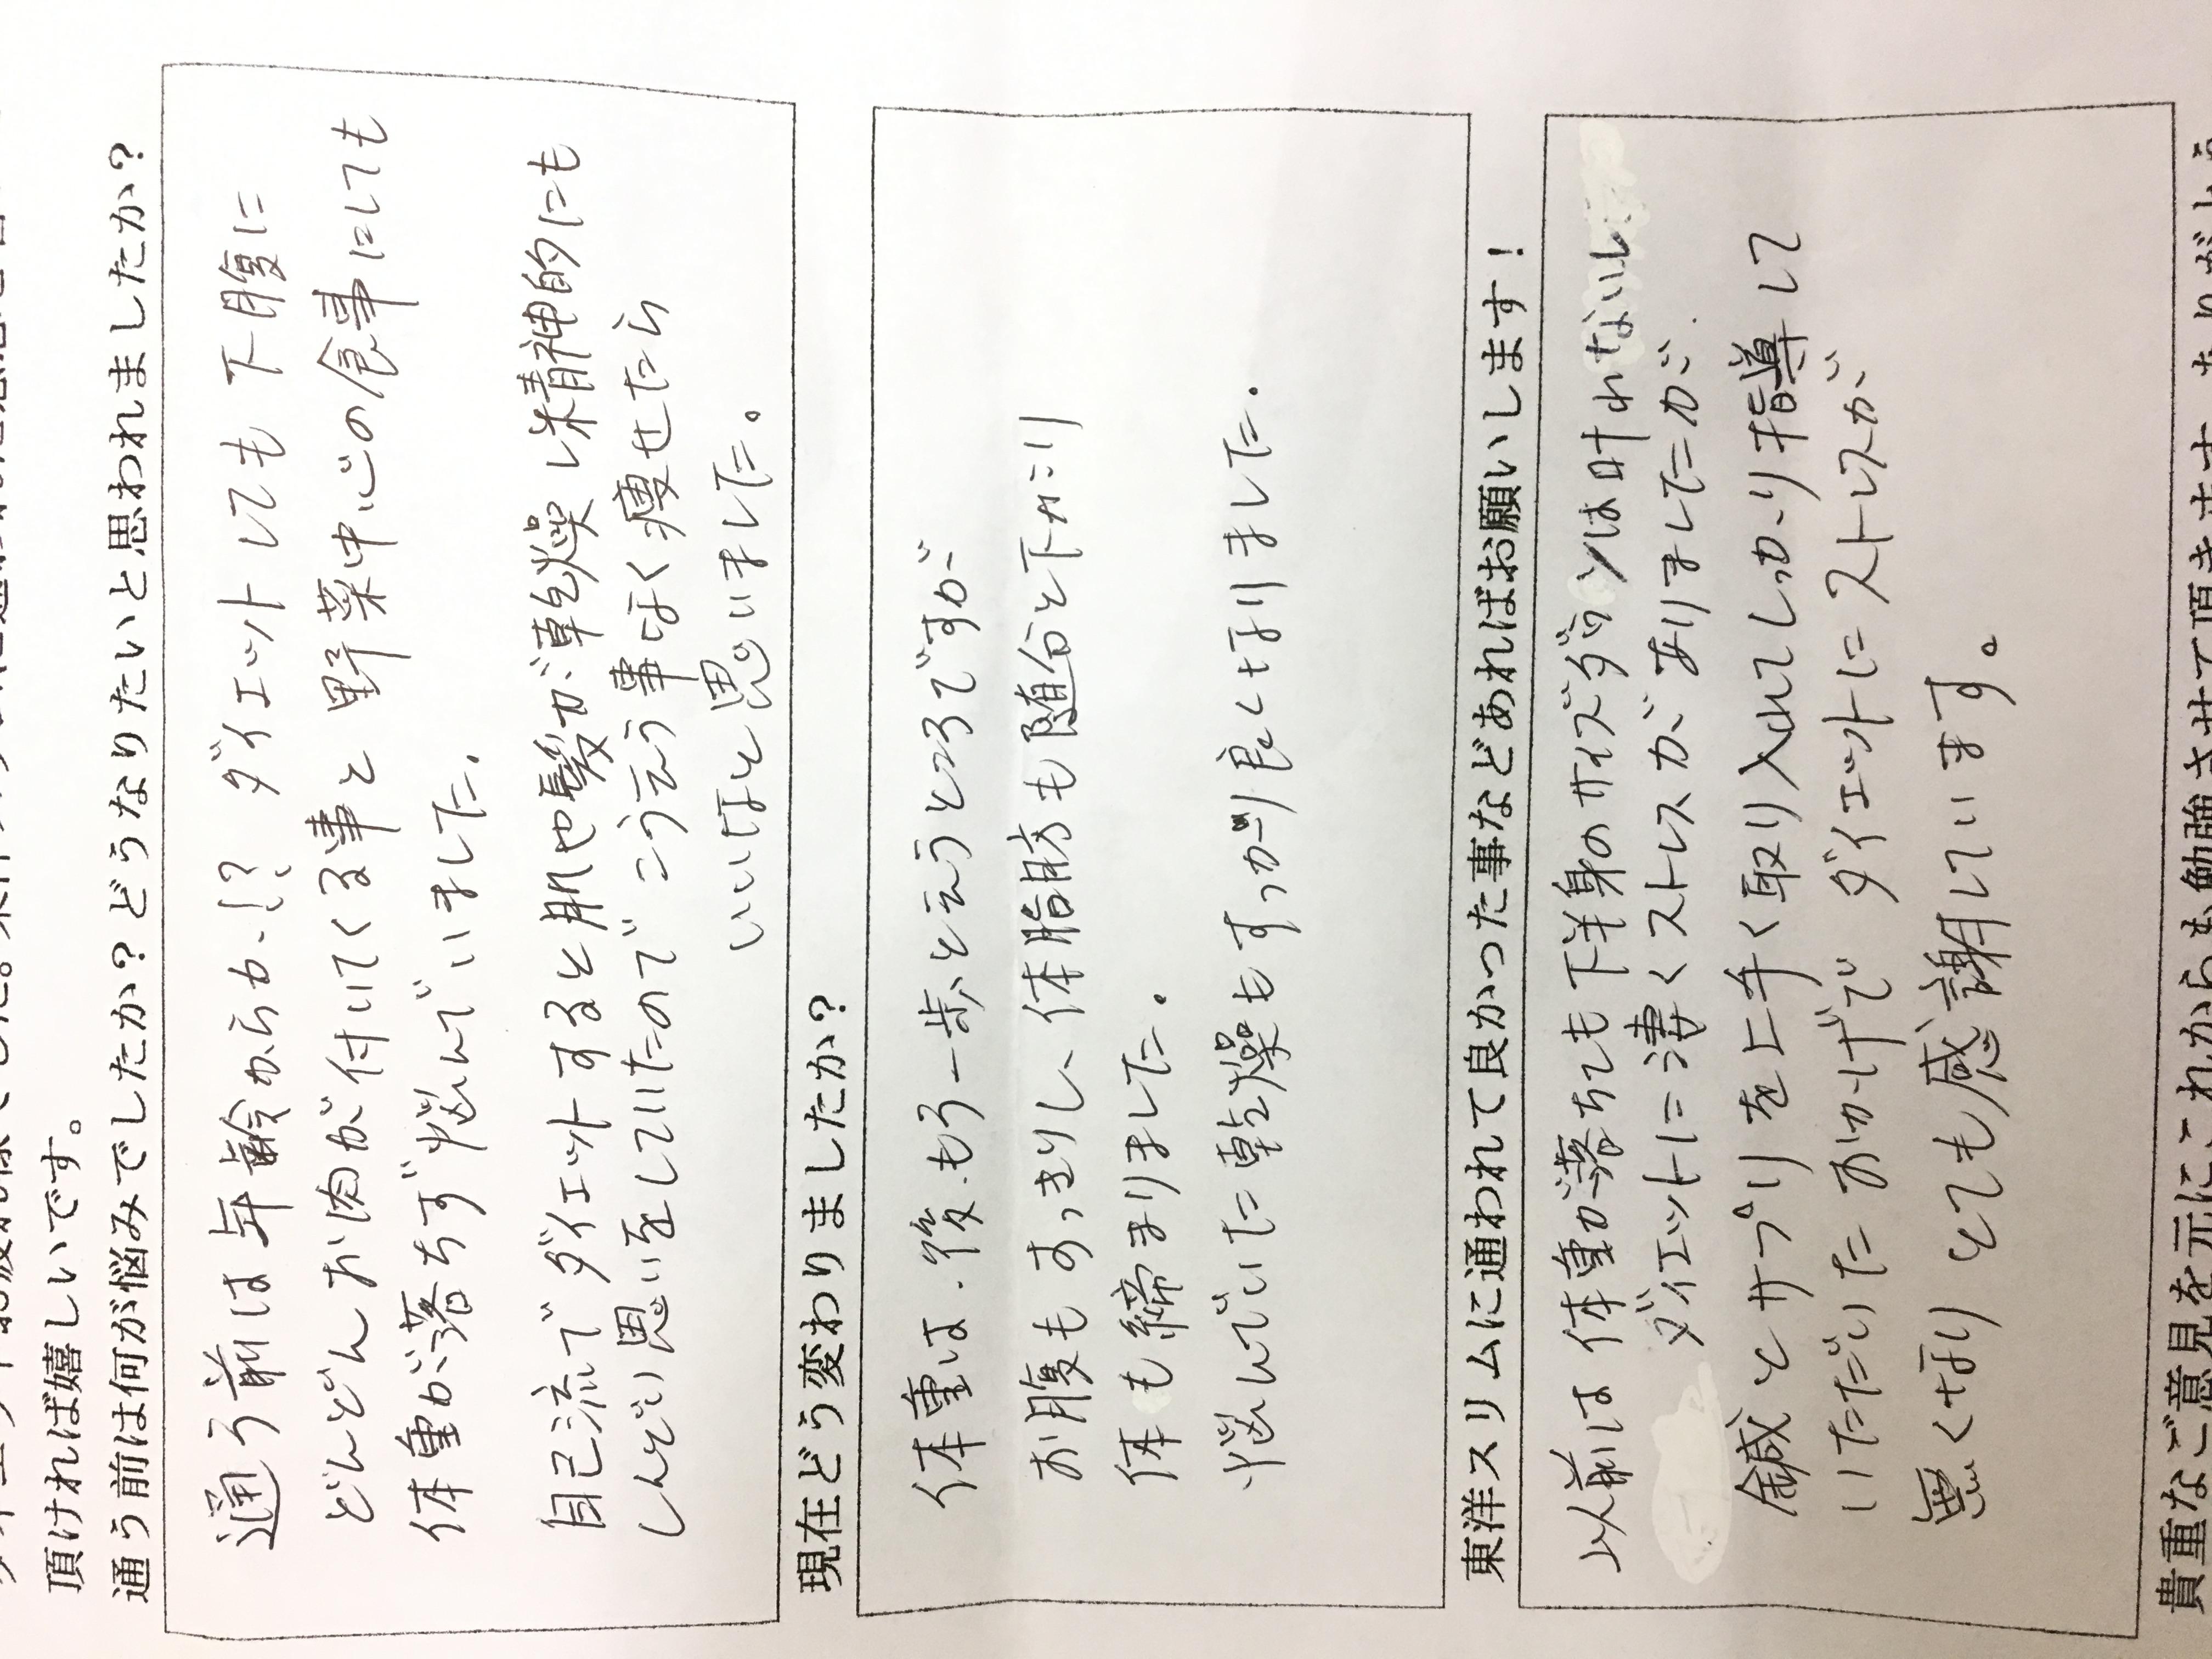 大阪市東成区Hさん52才耳ツボダイエット4kg成功体脂肪率24%に。